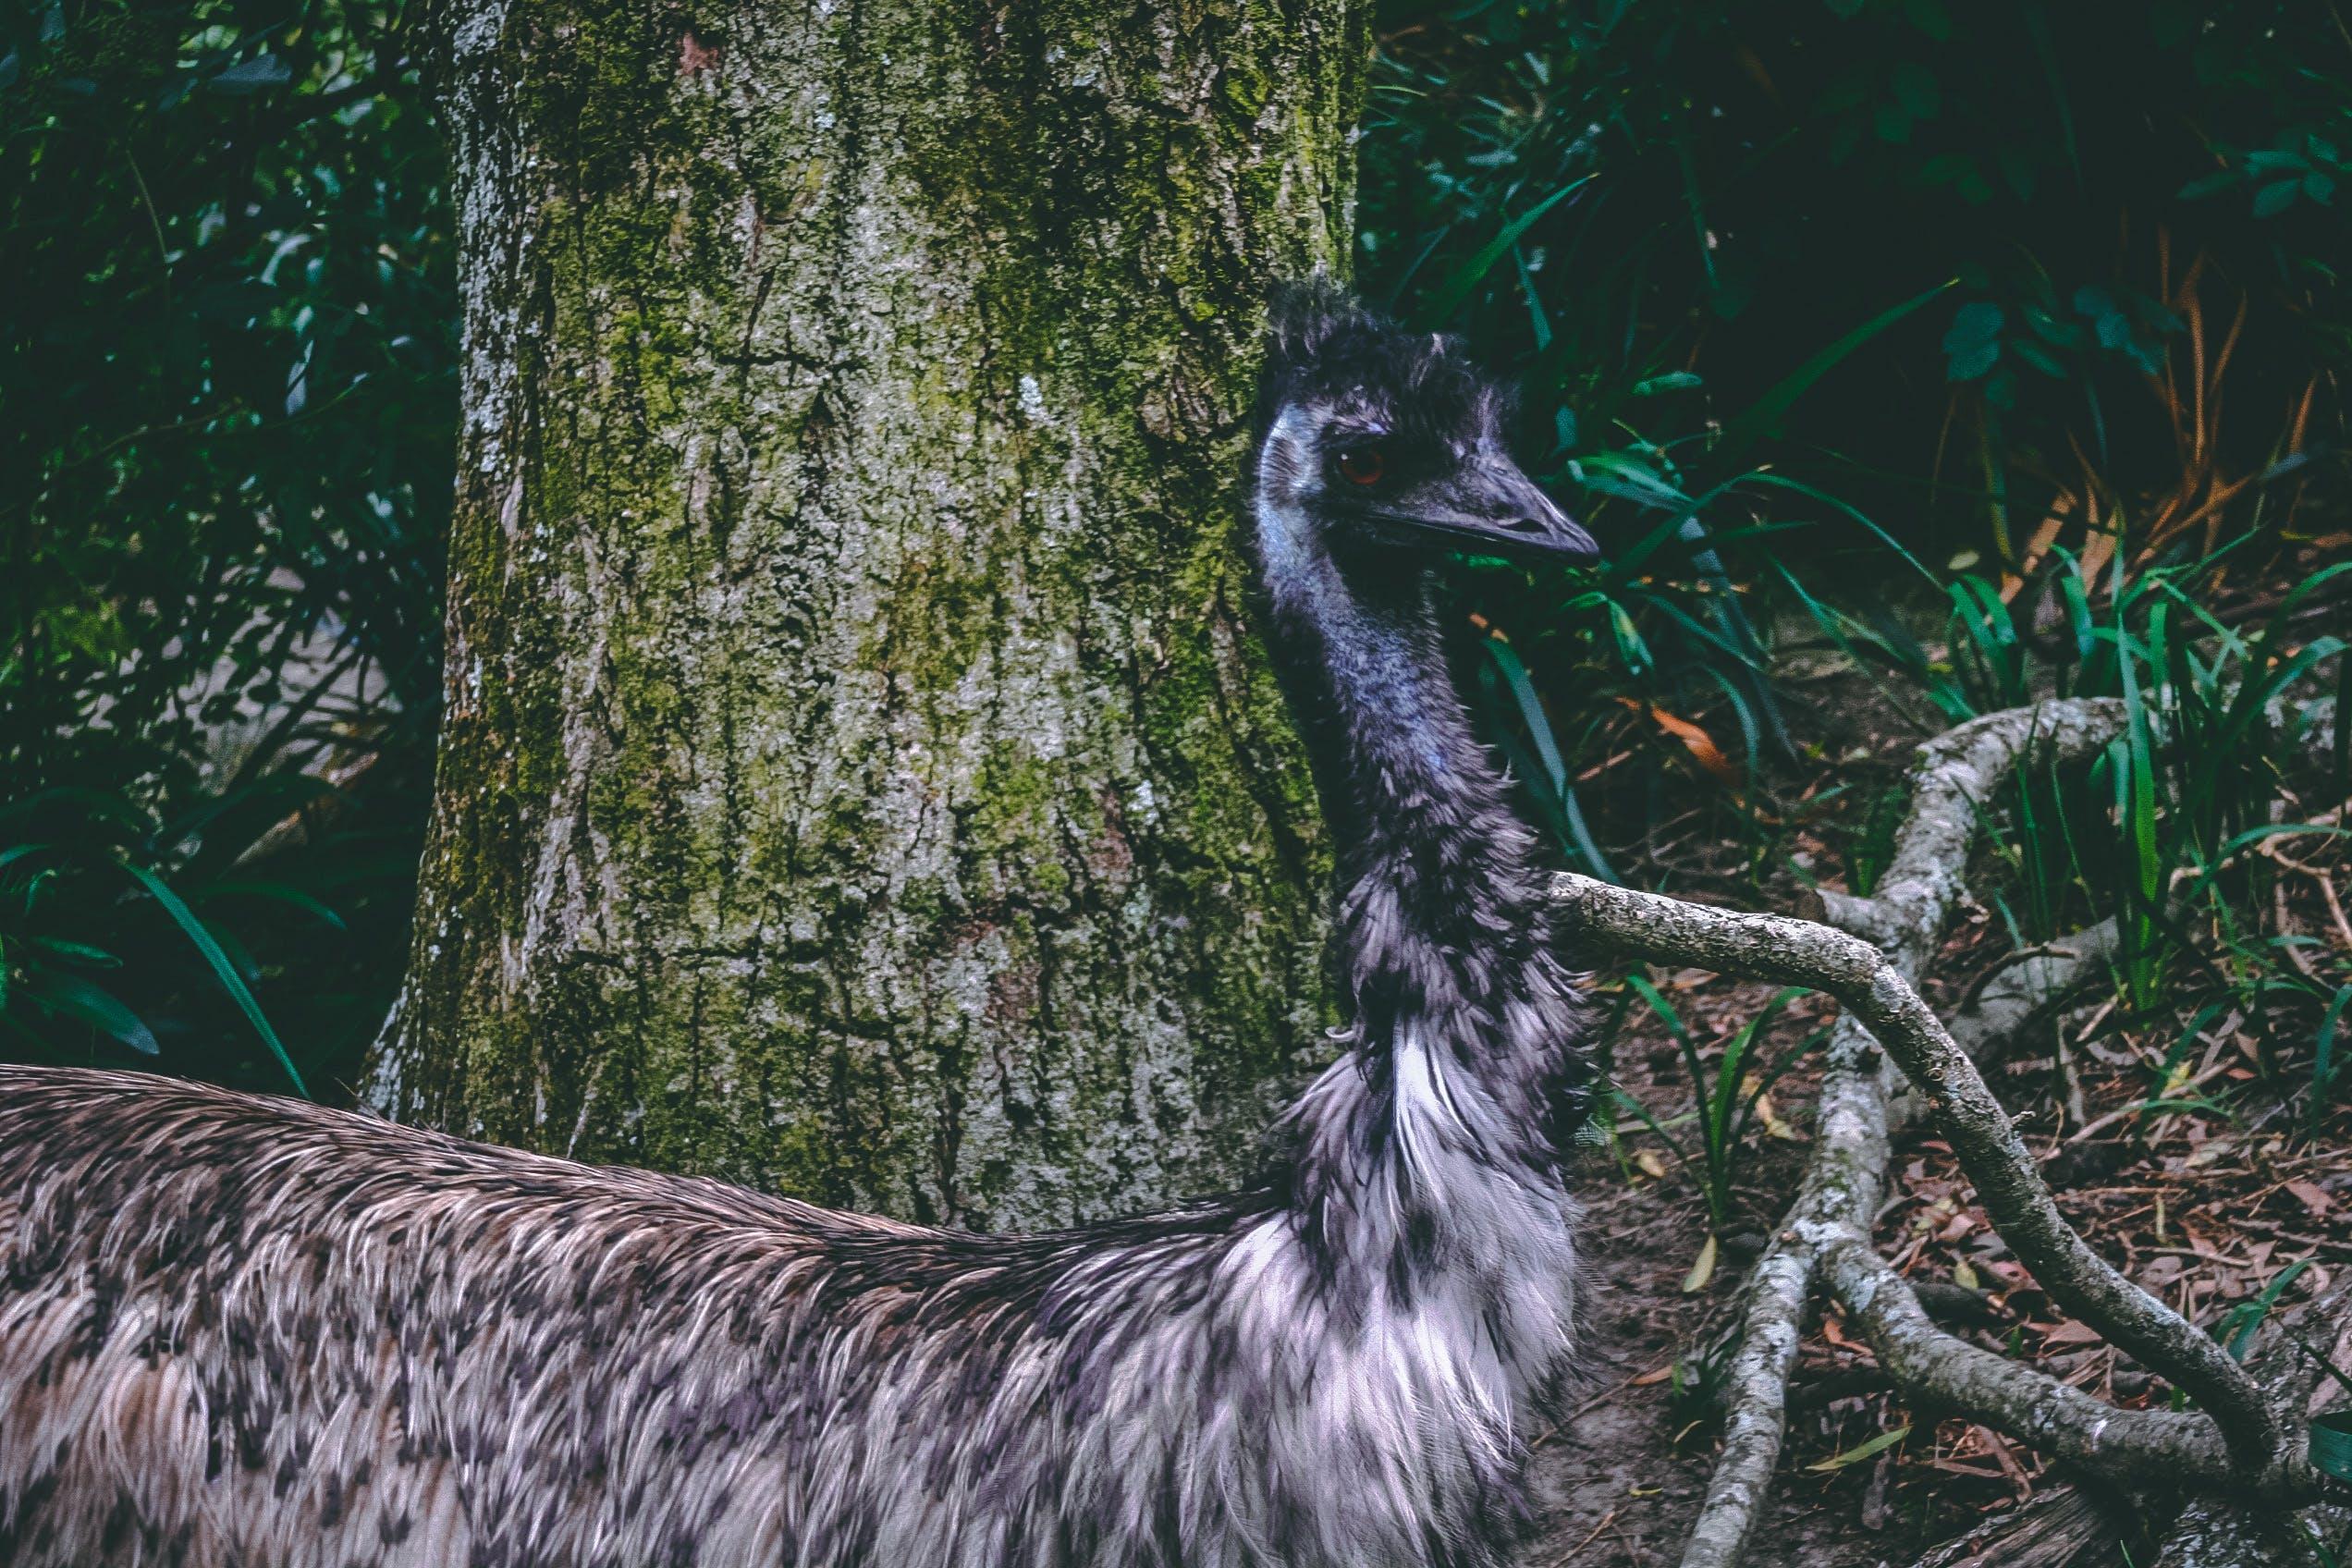 エキゾチック, トロピカル, パーク, 動物の無料の写真素材